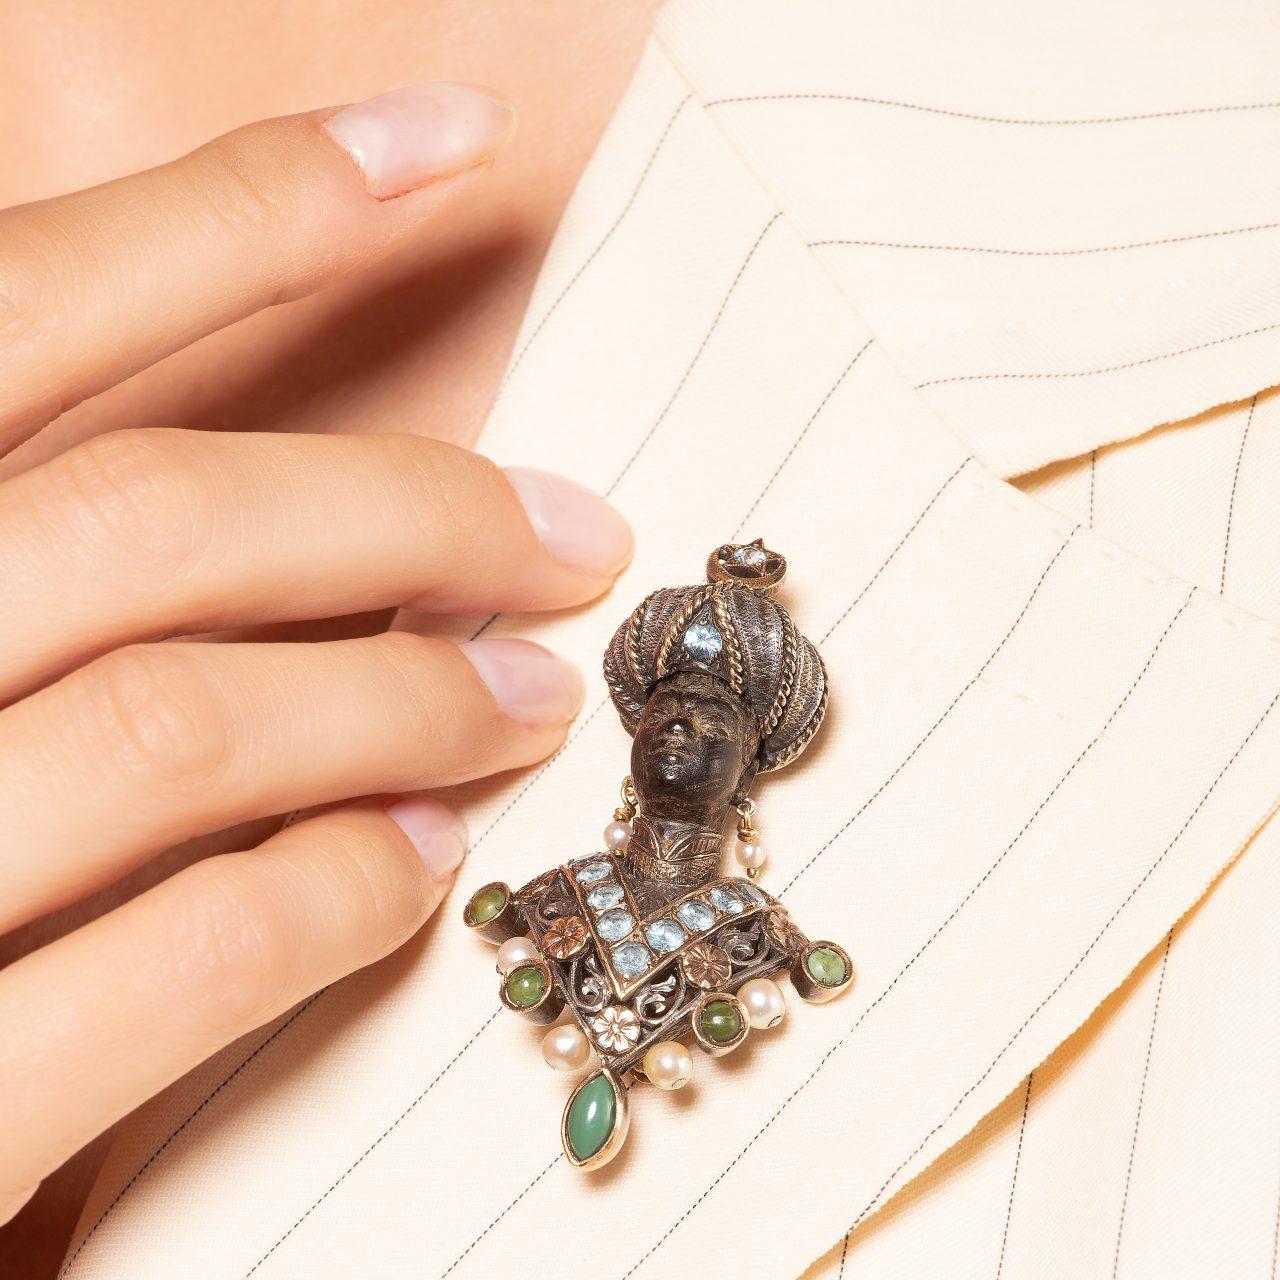 """Nardi spilla """"moretto"""" in oro e argento con ebano turchesi e perle indossata"""